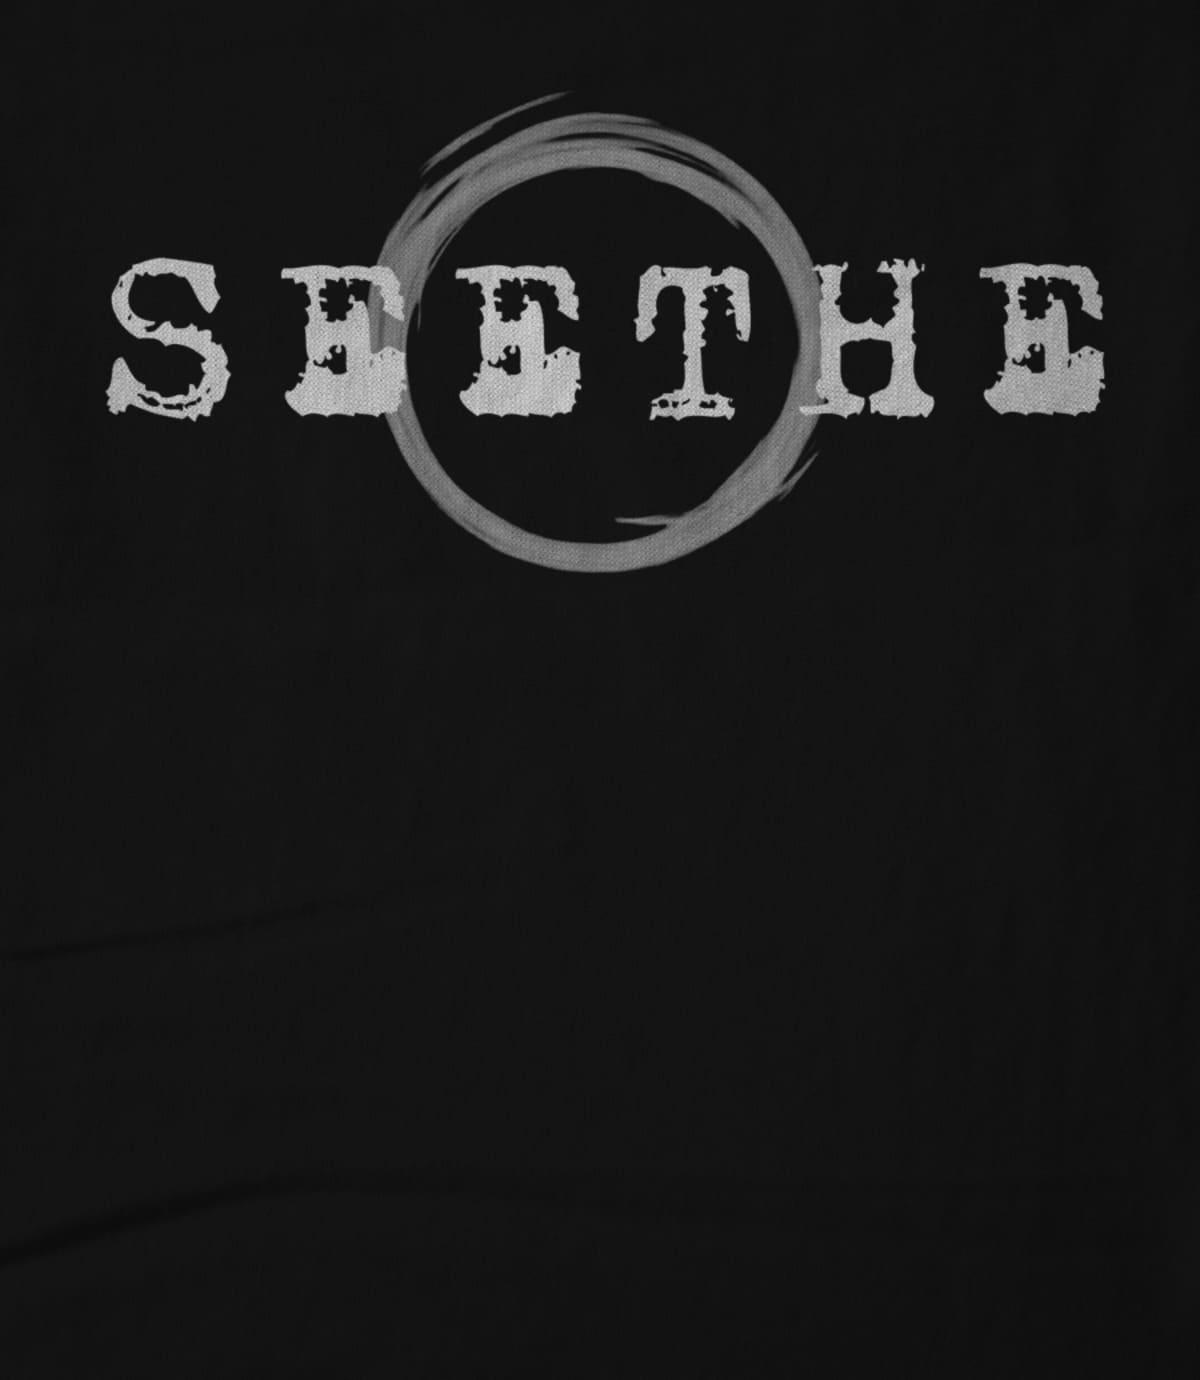 Seethe